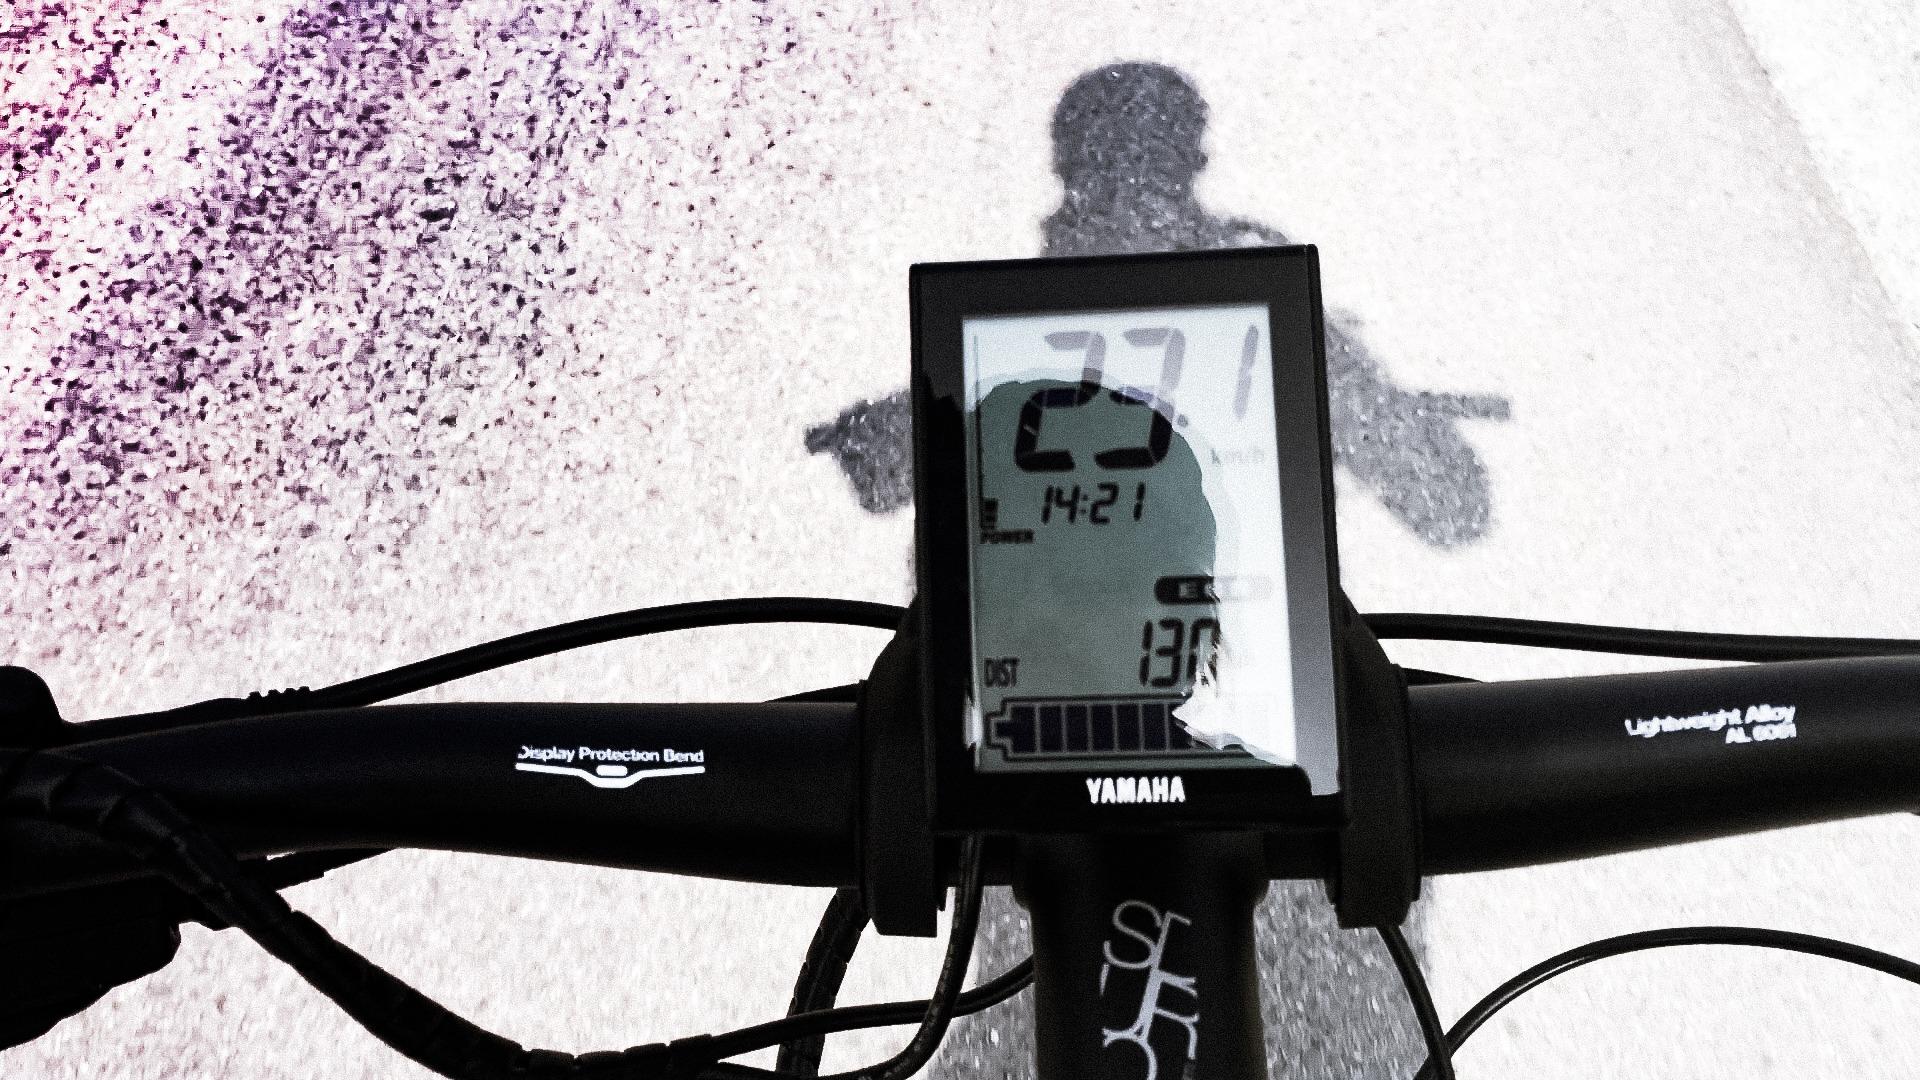 04865b31b91e69 Die häufigsten Fehlerquellen bei E-Bikes - E-Bike Spass